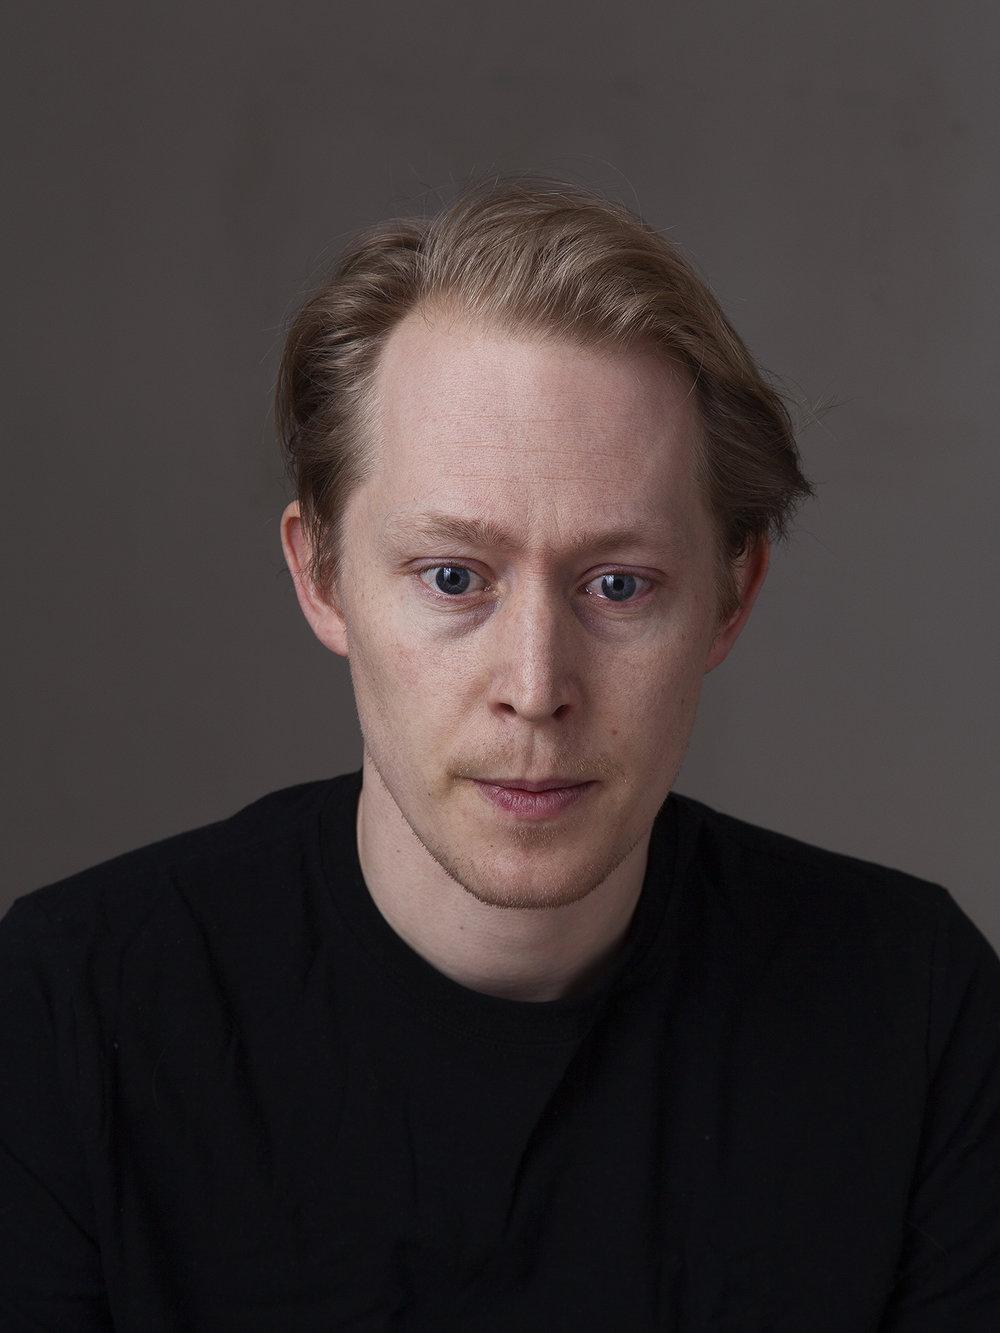 Actors acting